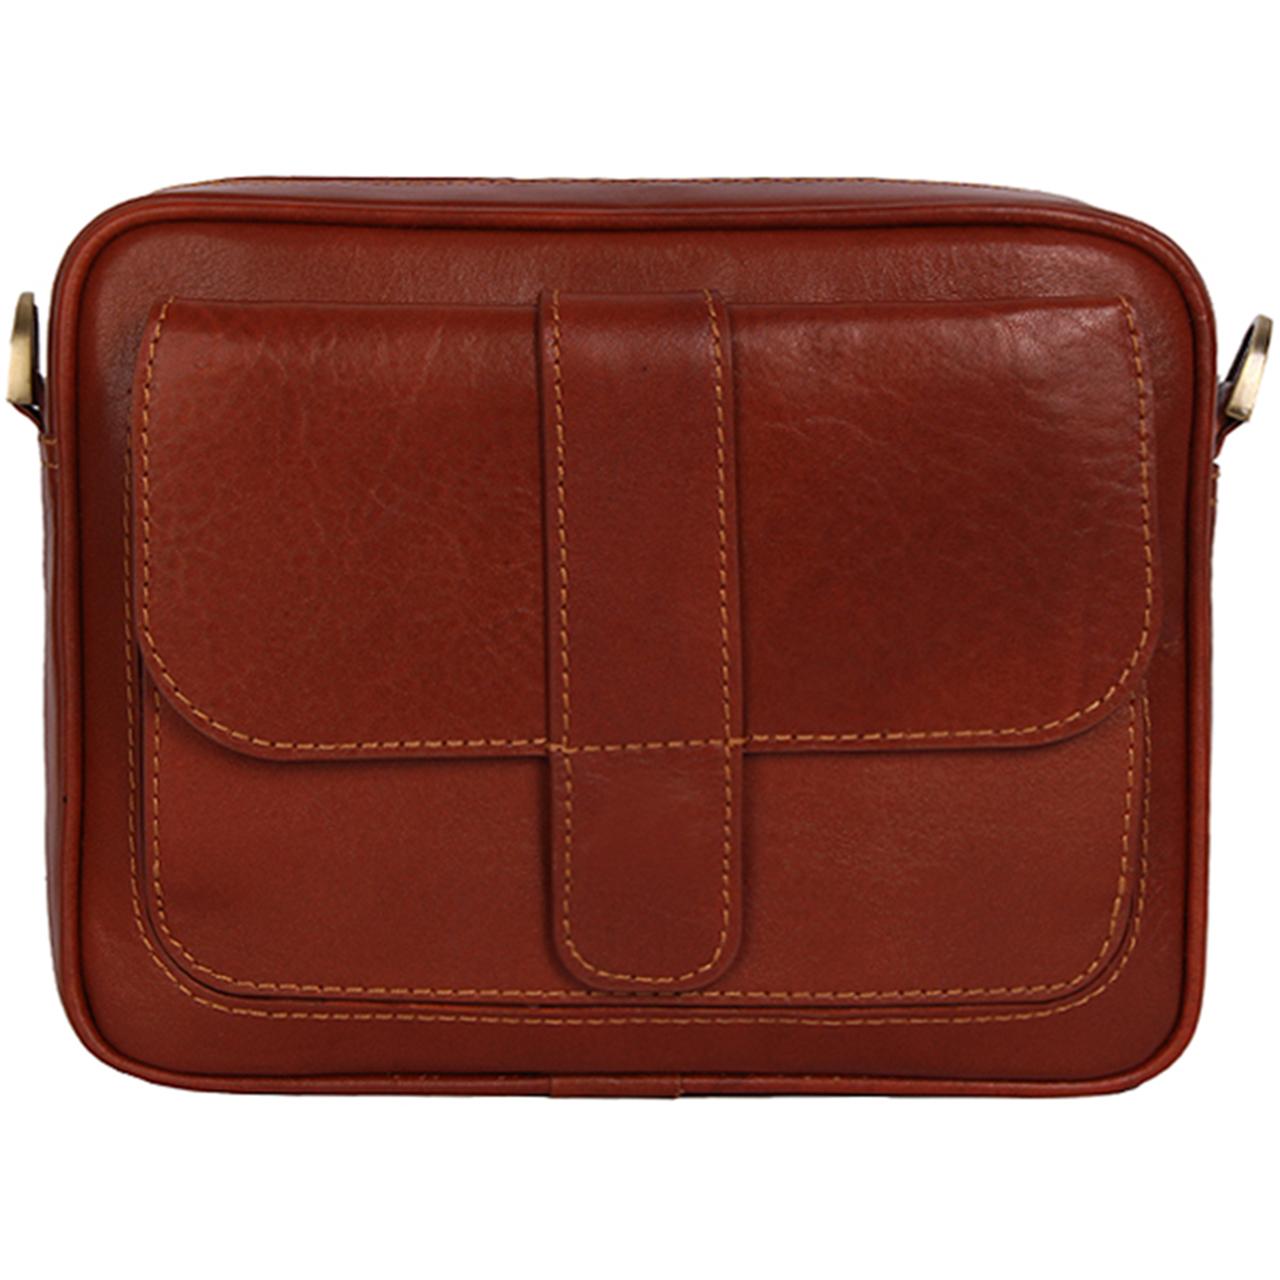 کیف دوشی رویال چرم کد W6-Brown